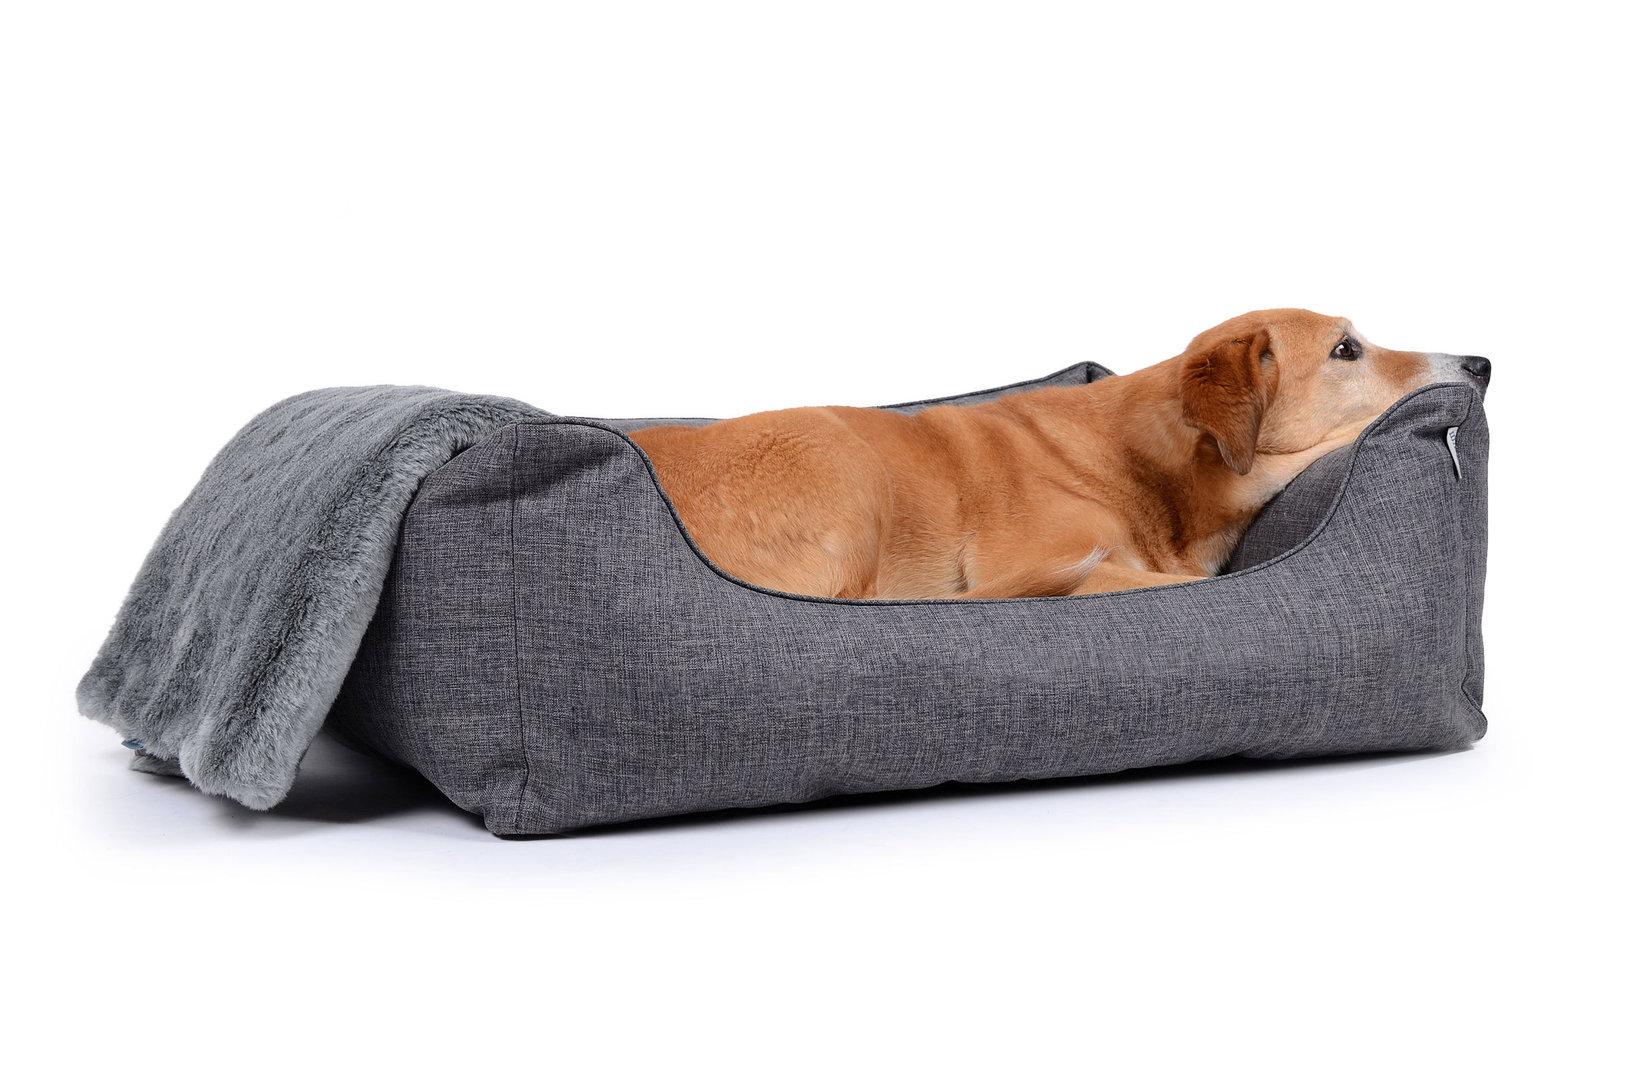 Full Size of Hunde Bett Mypado Hundebett Worldcollection Softline Polyester Waschbar 2x2m Clinique Even Better Make Up Cars Betten 200x200 Stauraum Mit Matratze Bett Hunde Bett